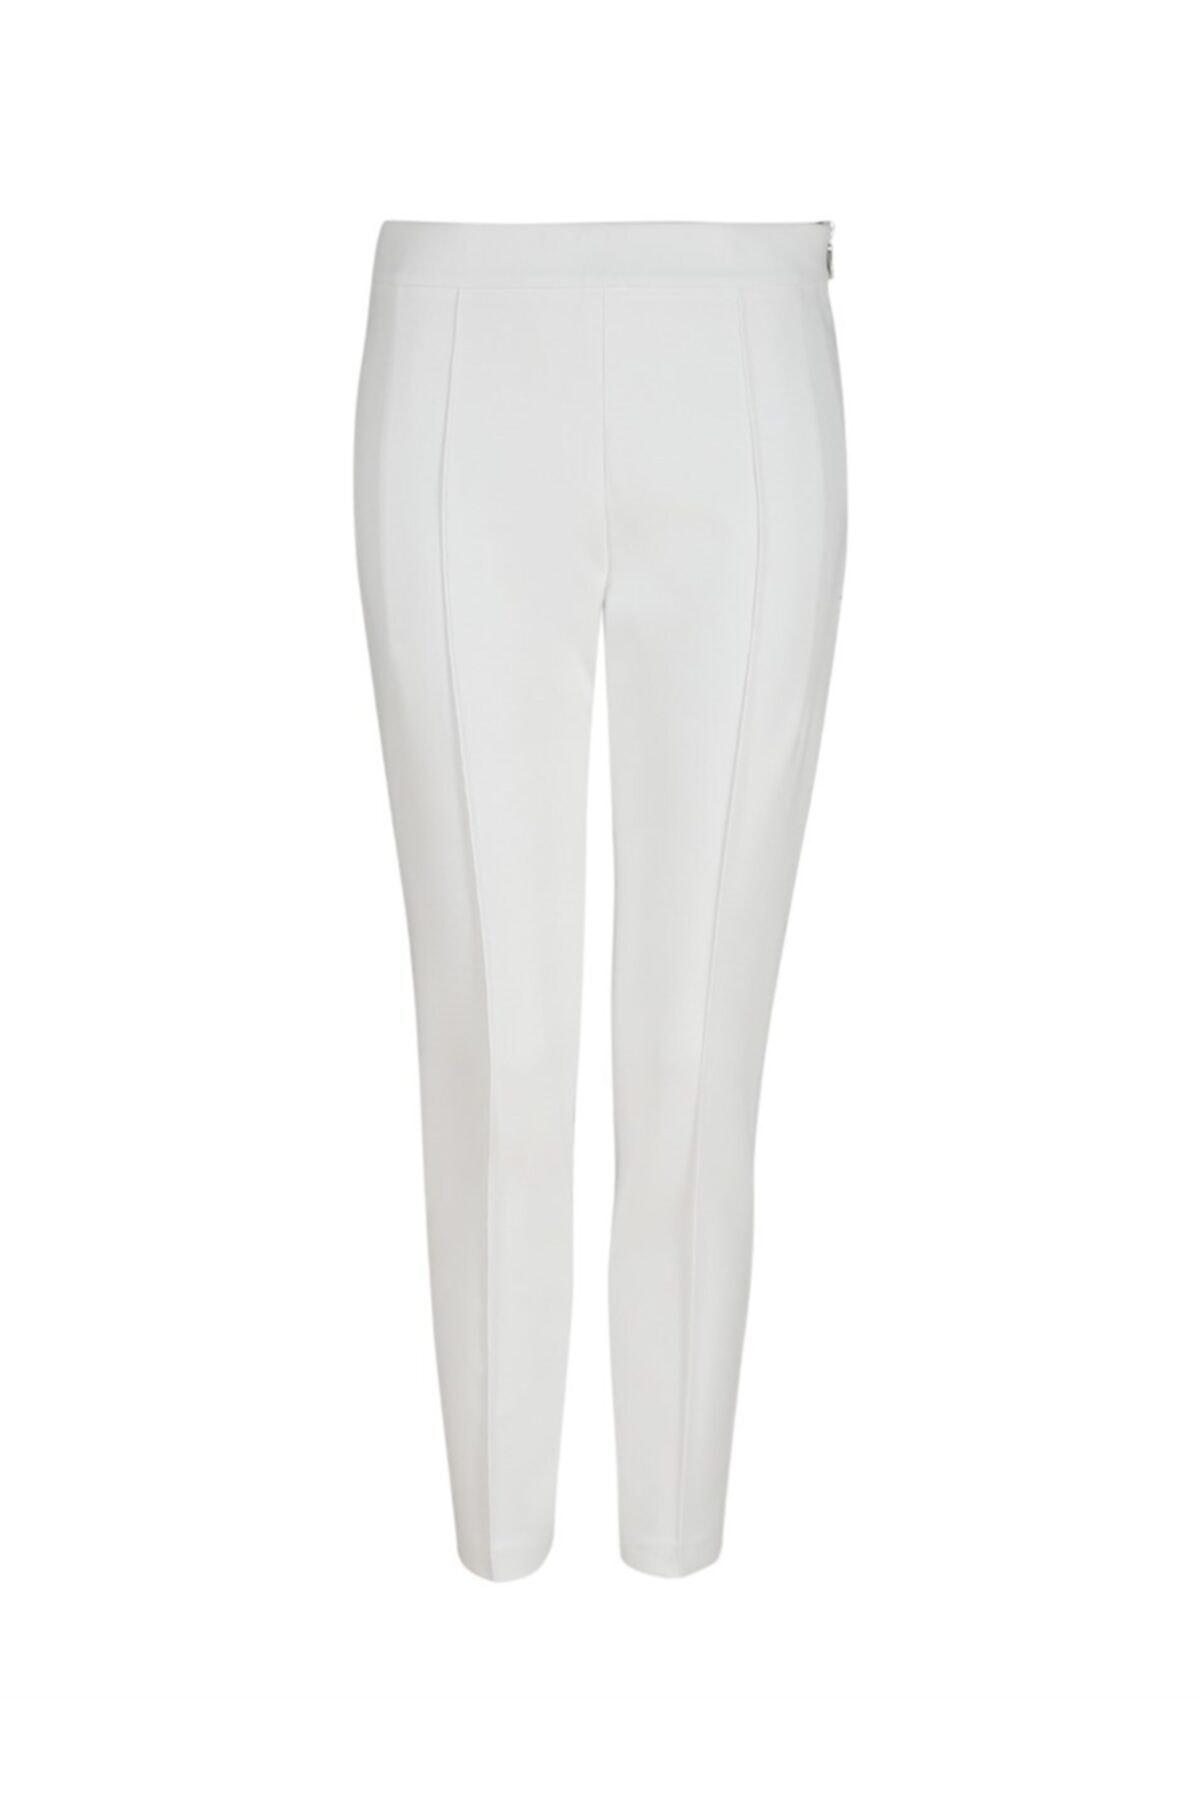 Chima Kadın Beyaz Yandan Fermuarlı Pantolon 2